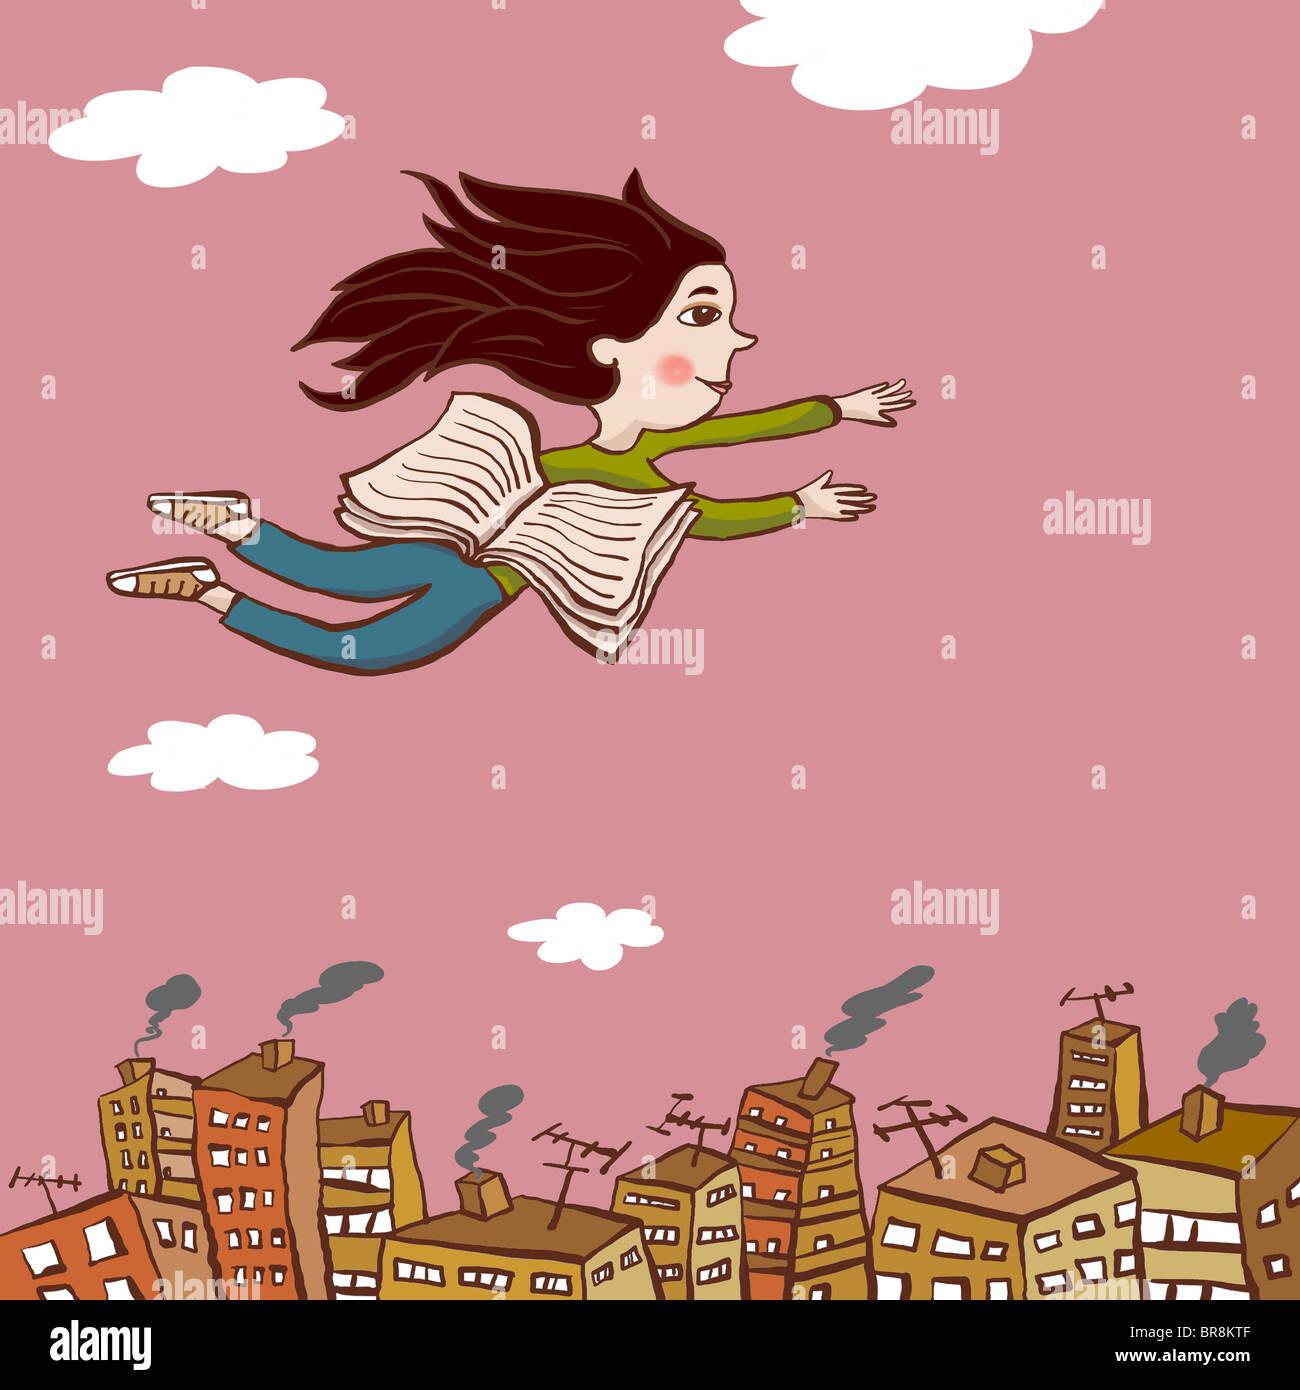 Il disegno di una giovane ragazza volare sopra una città con le pagine di un libro che agiscono come ali Immagini Stock